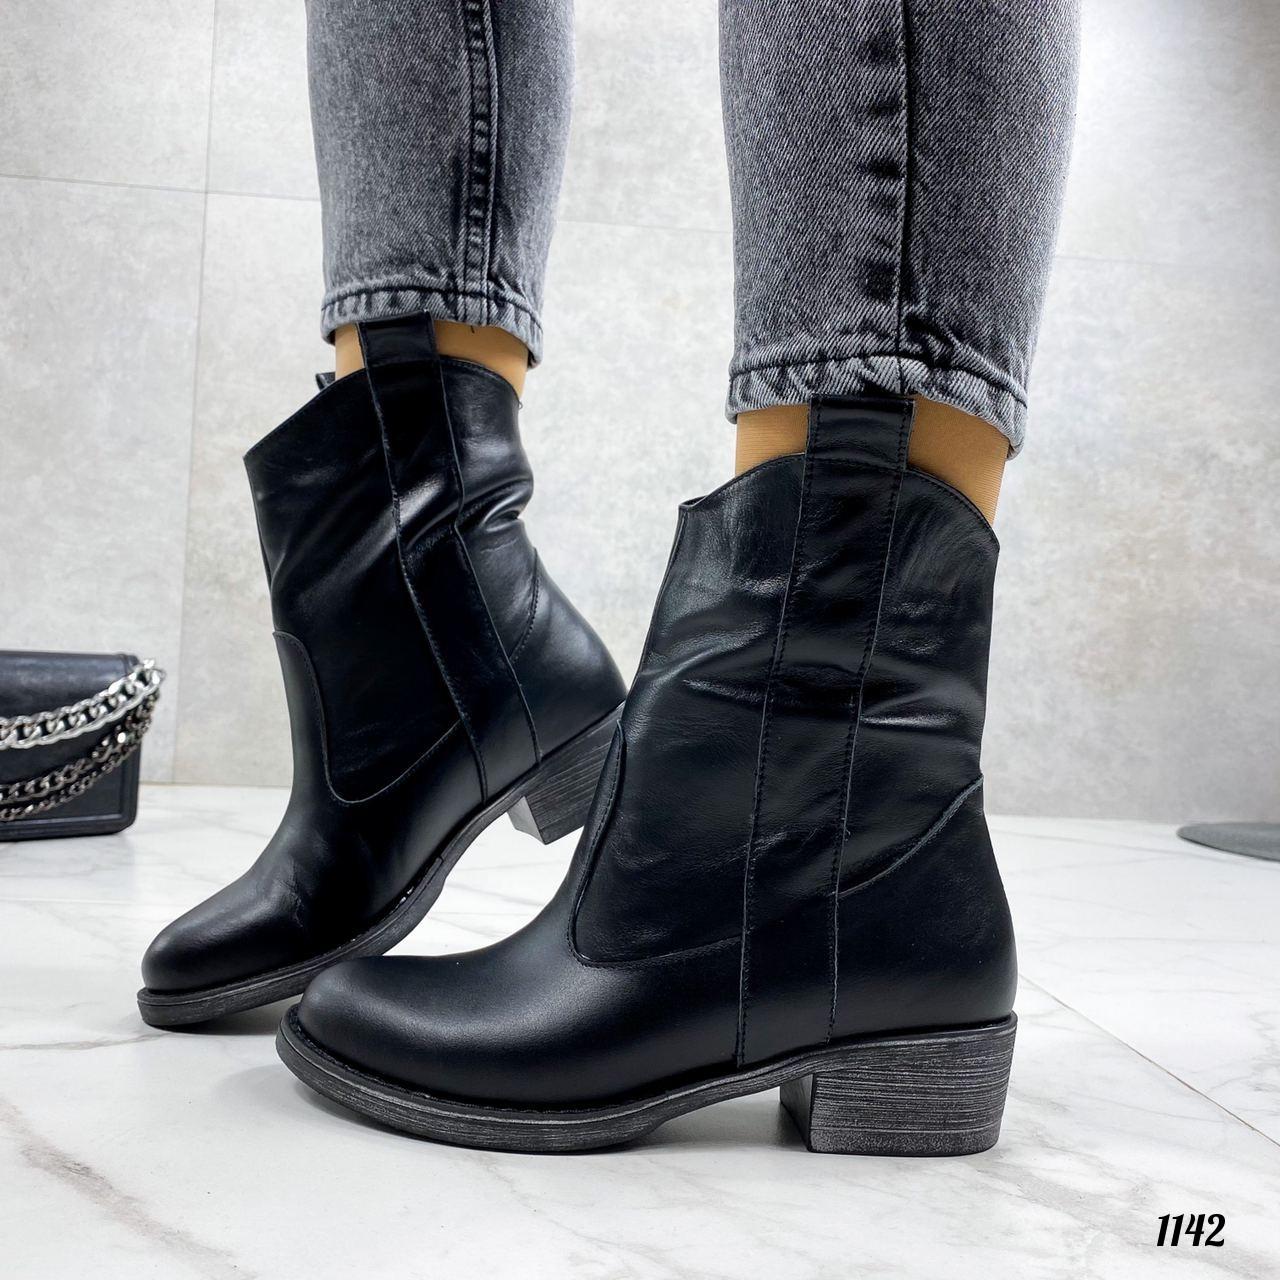 Женские ботинки черные ЗИМА натуральная кожа